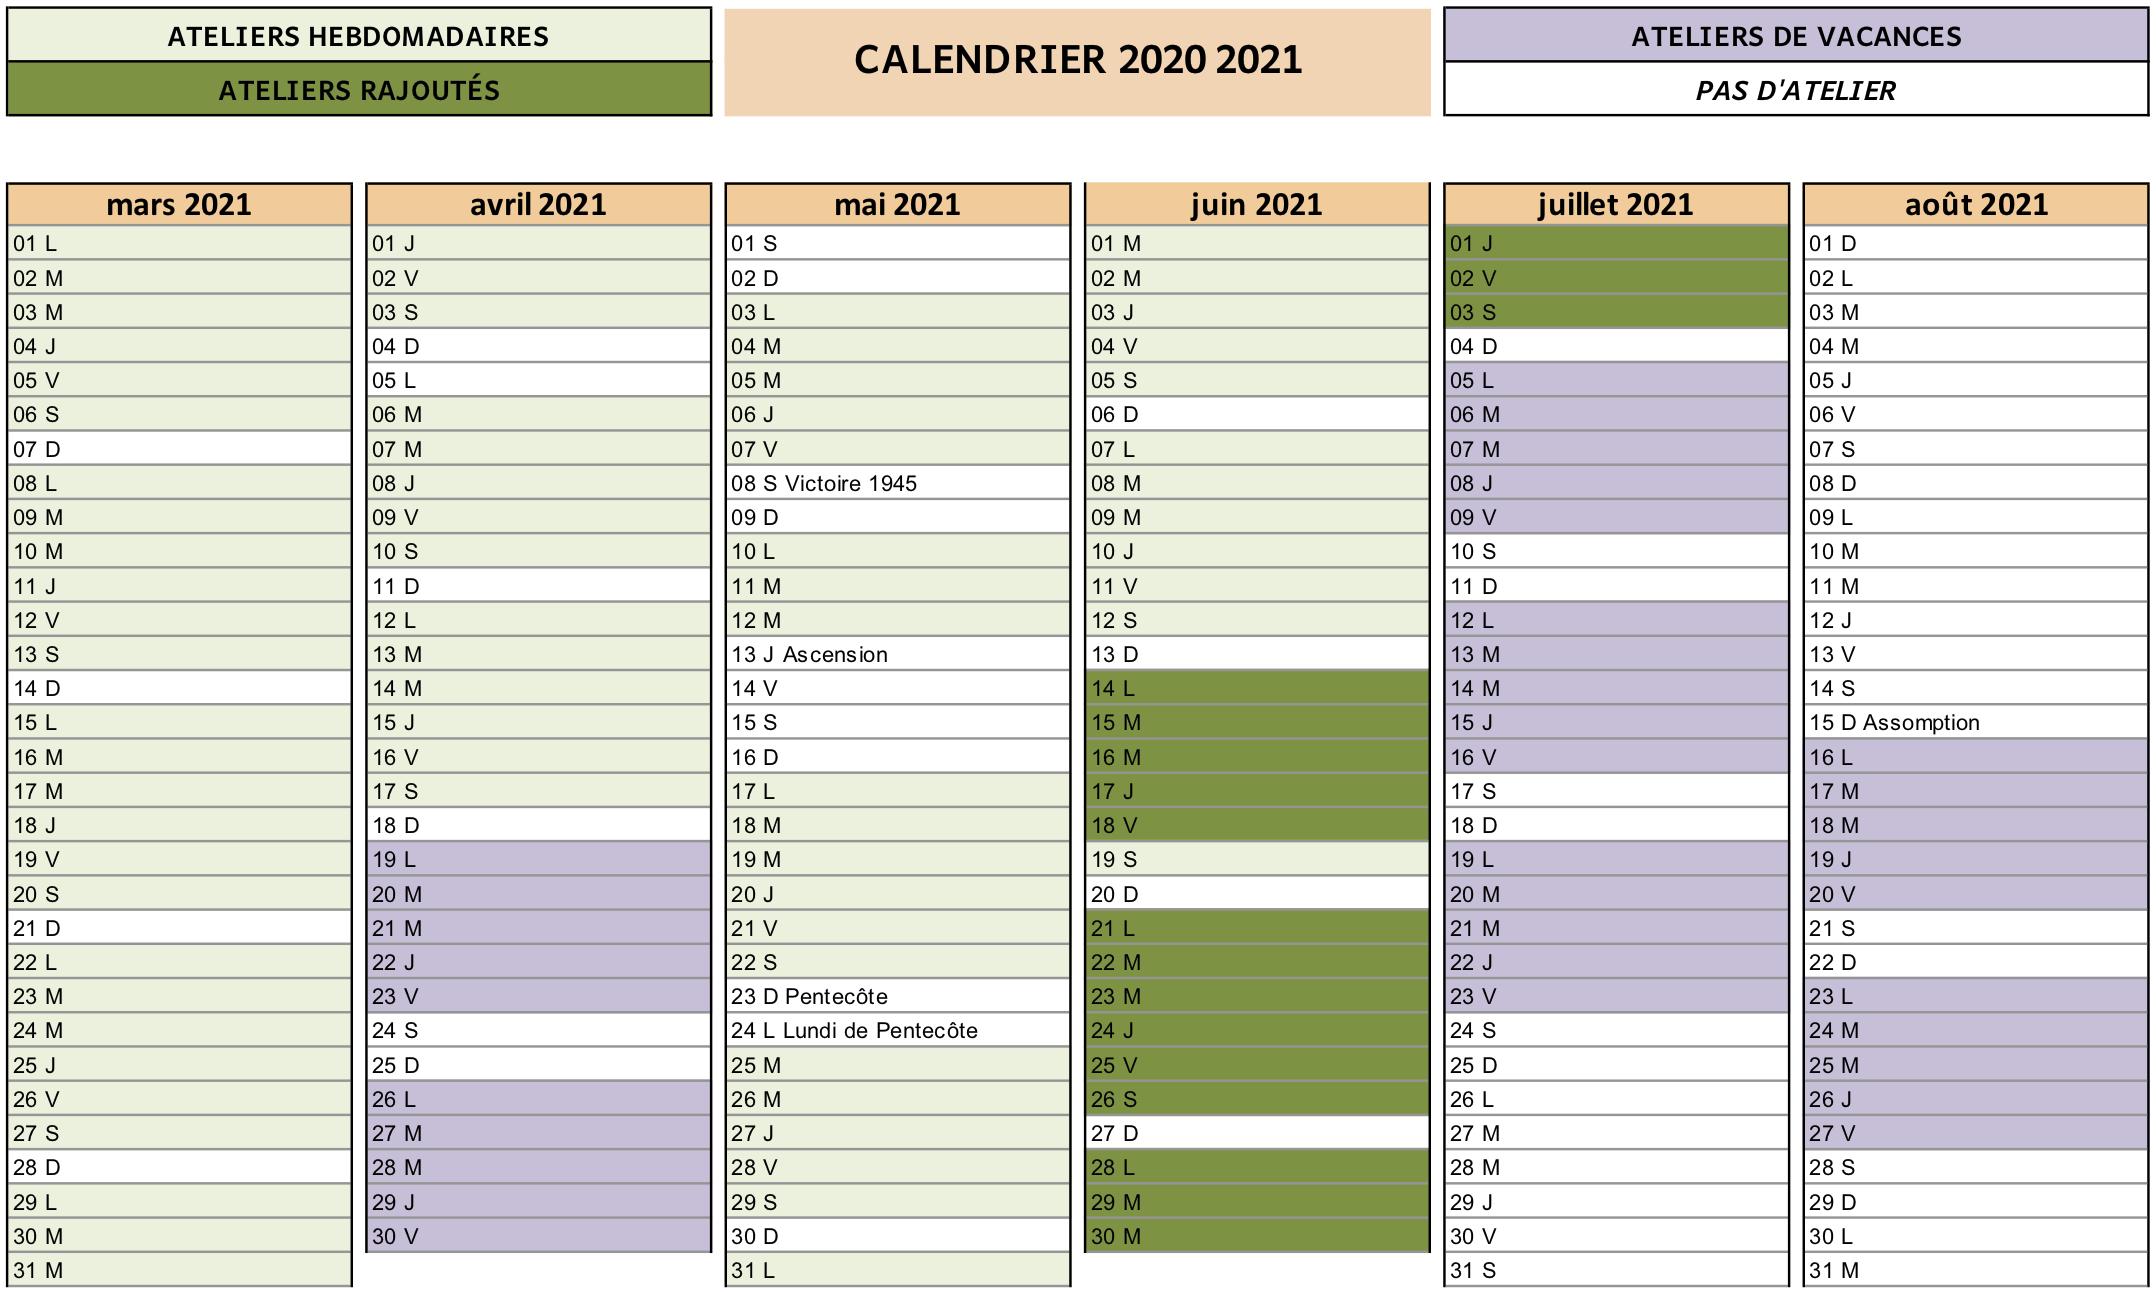 Calendrier Cdm 2021 CdM calendrier 2020 2021 s2   Cour des marguerites